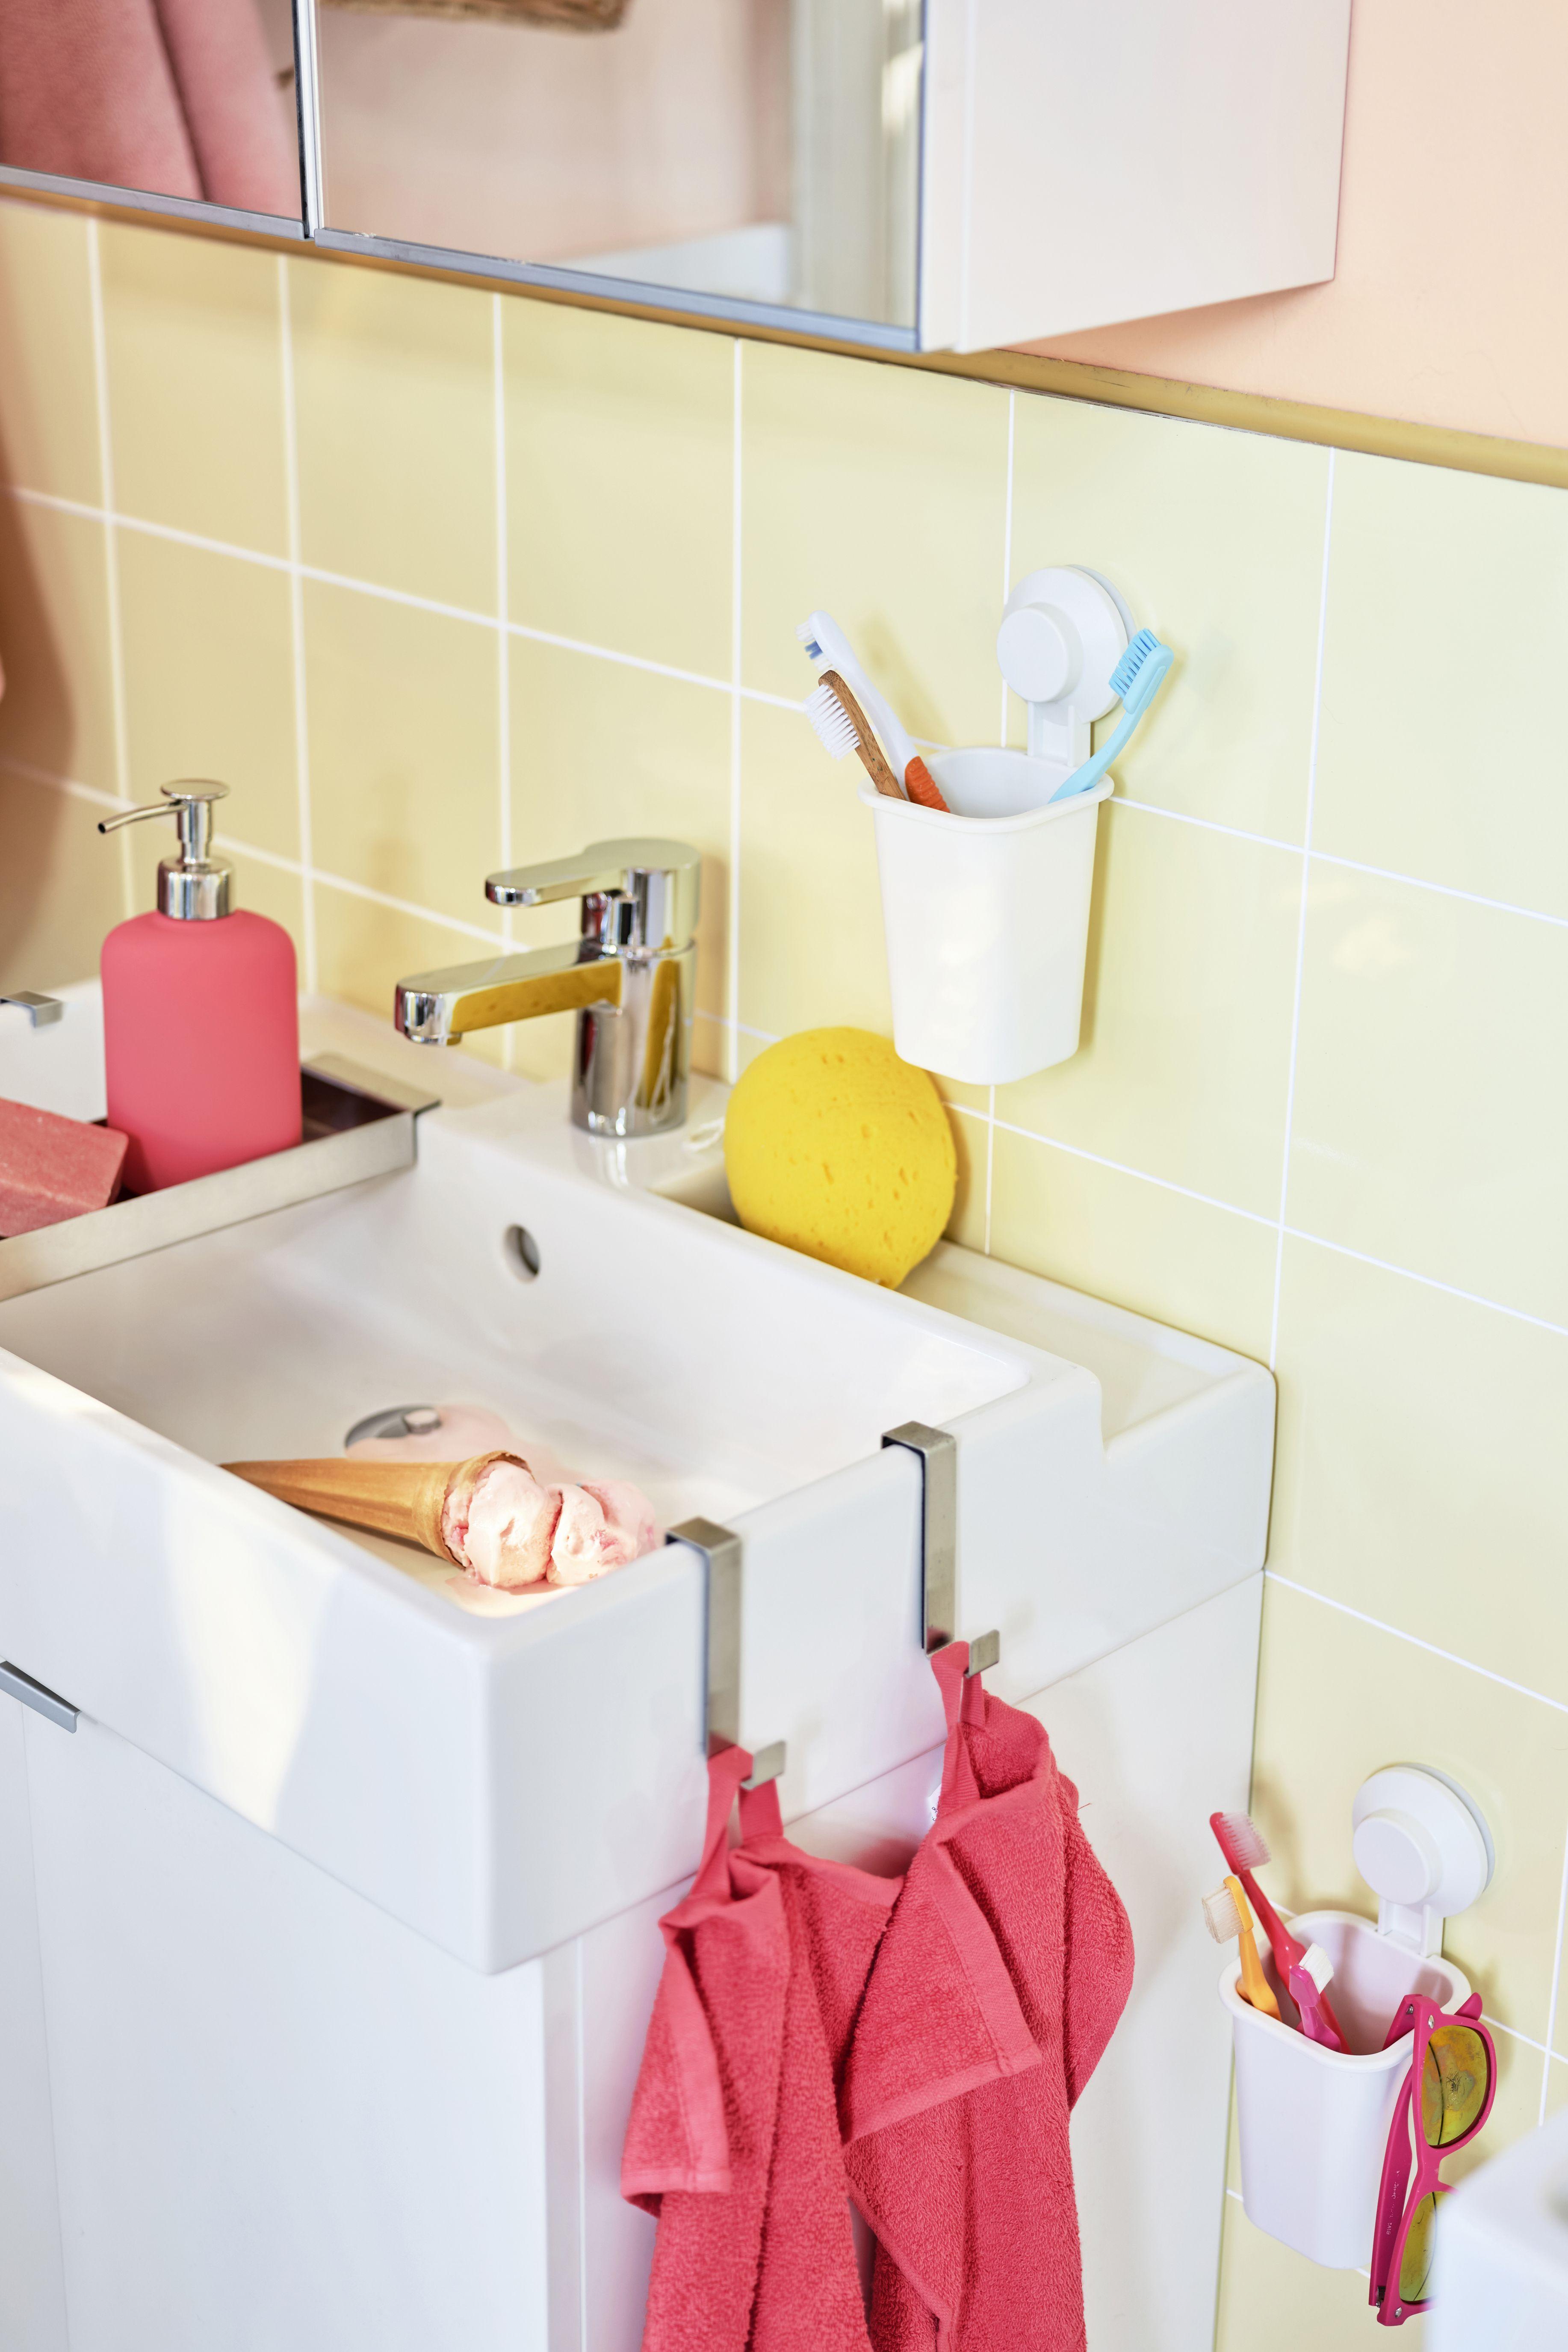 Ideen Fur Ein Sommerliches Helles Badezimmer In 2020 Helle Badezimmer Ikea Badezimmer